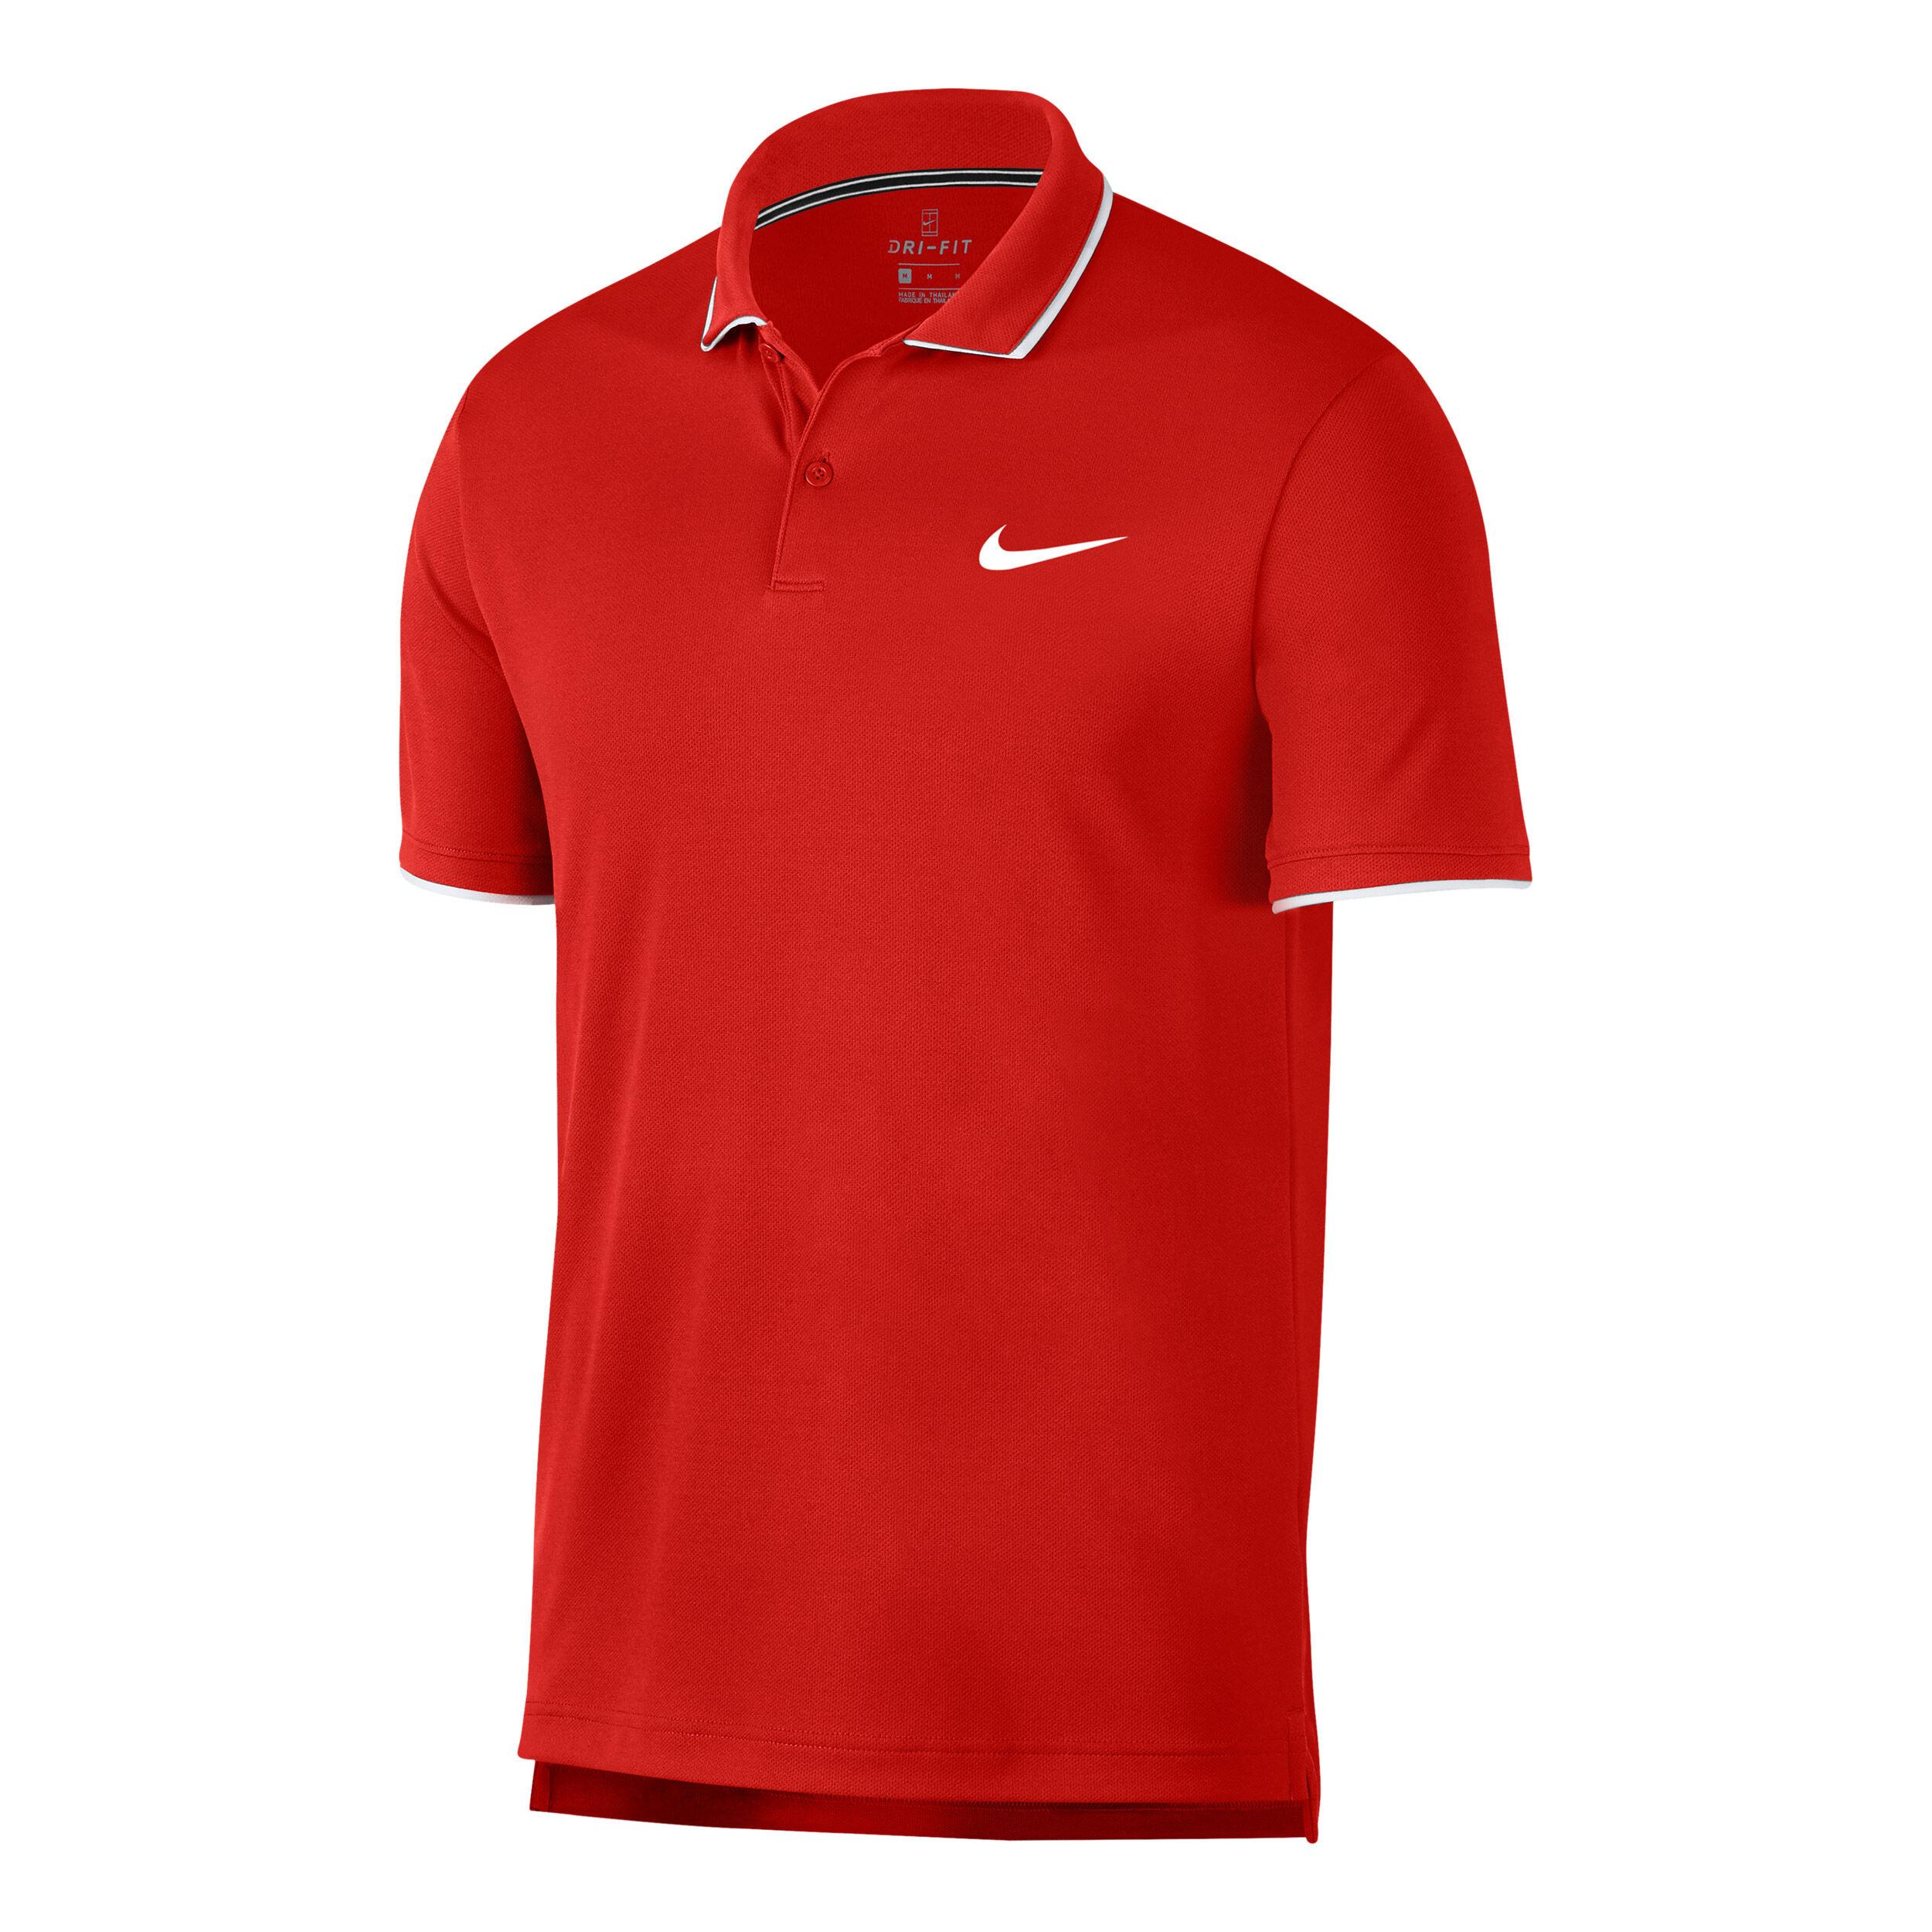 Uomo Nike Polo Tennis Team Court Maglie Nike Uomo Taglio